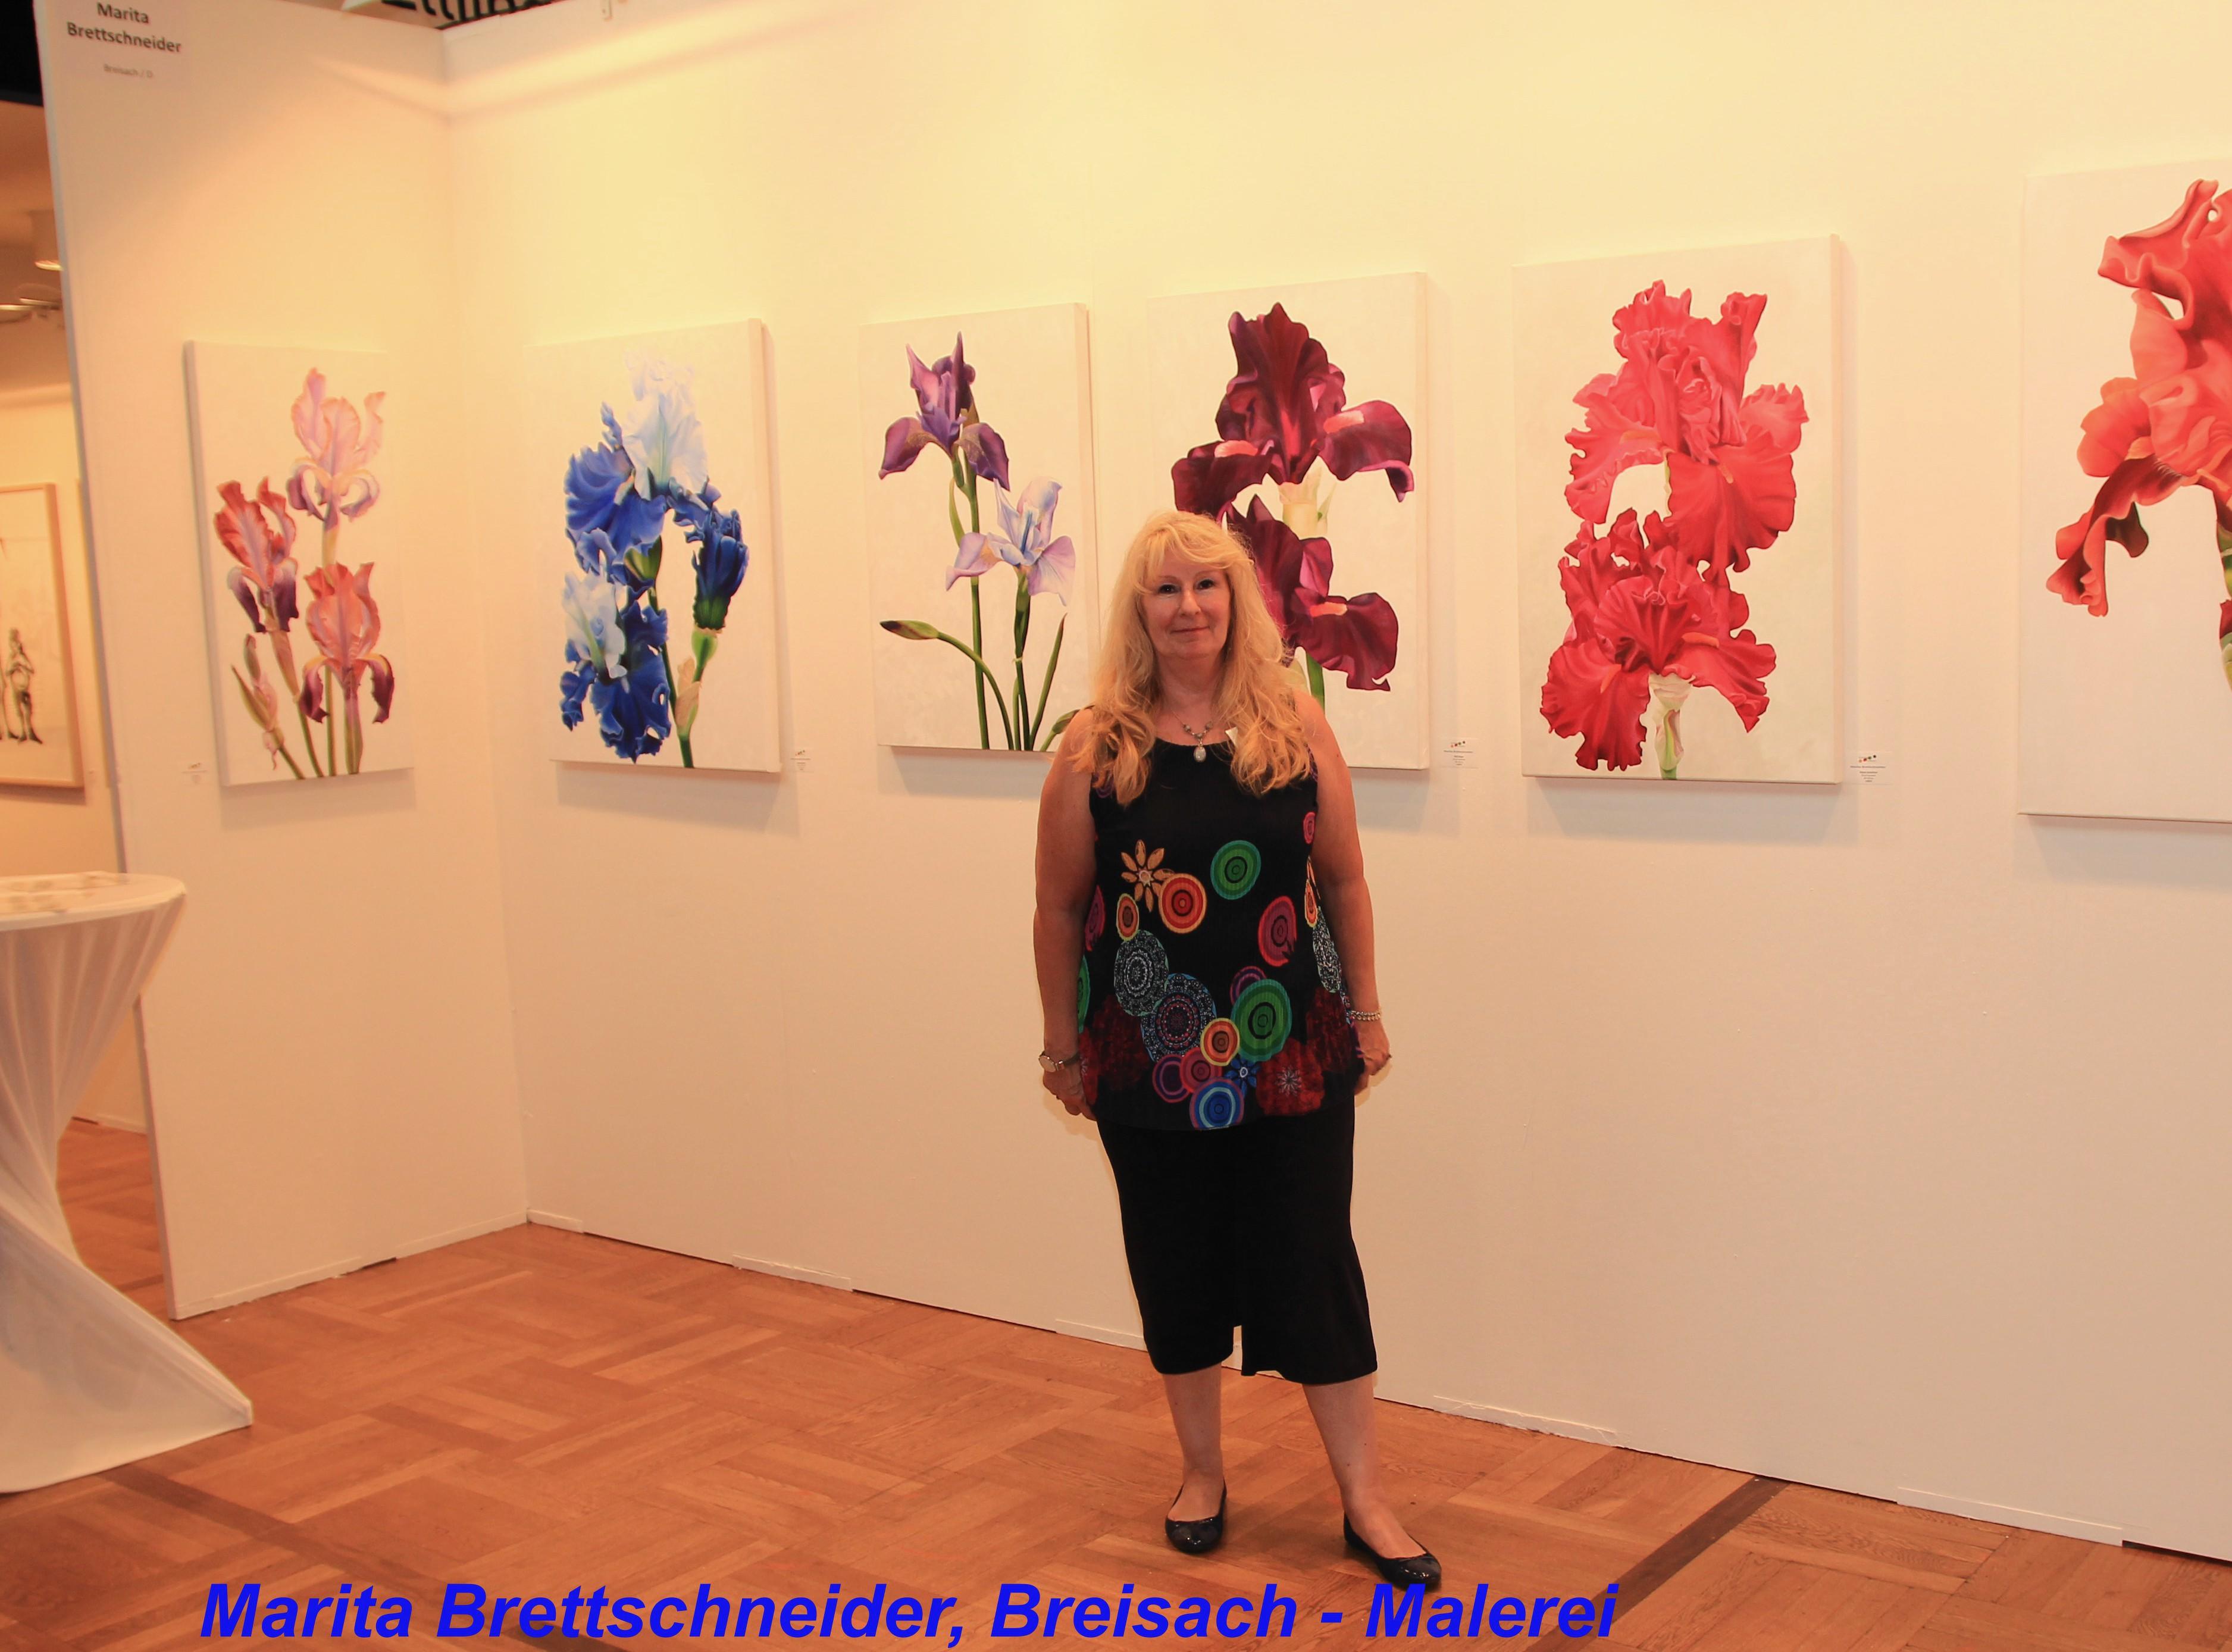 Marita Brettschneider, Breisach - Malerei